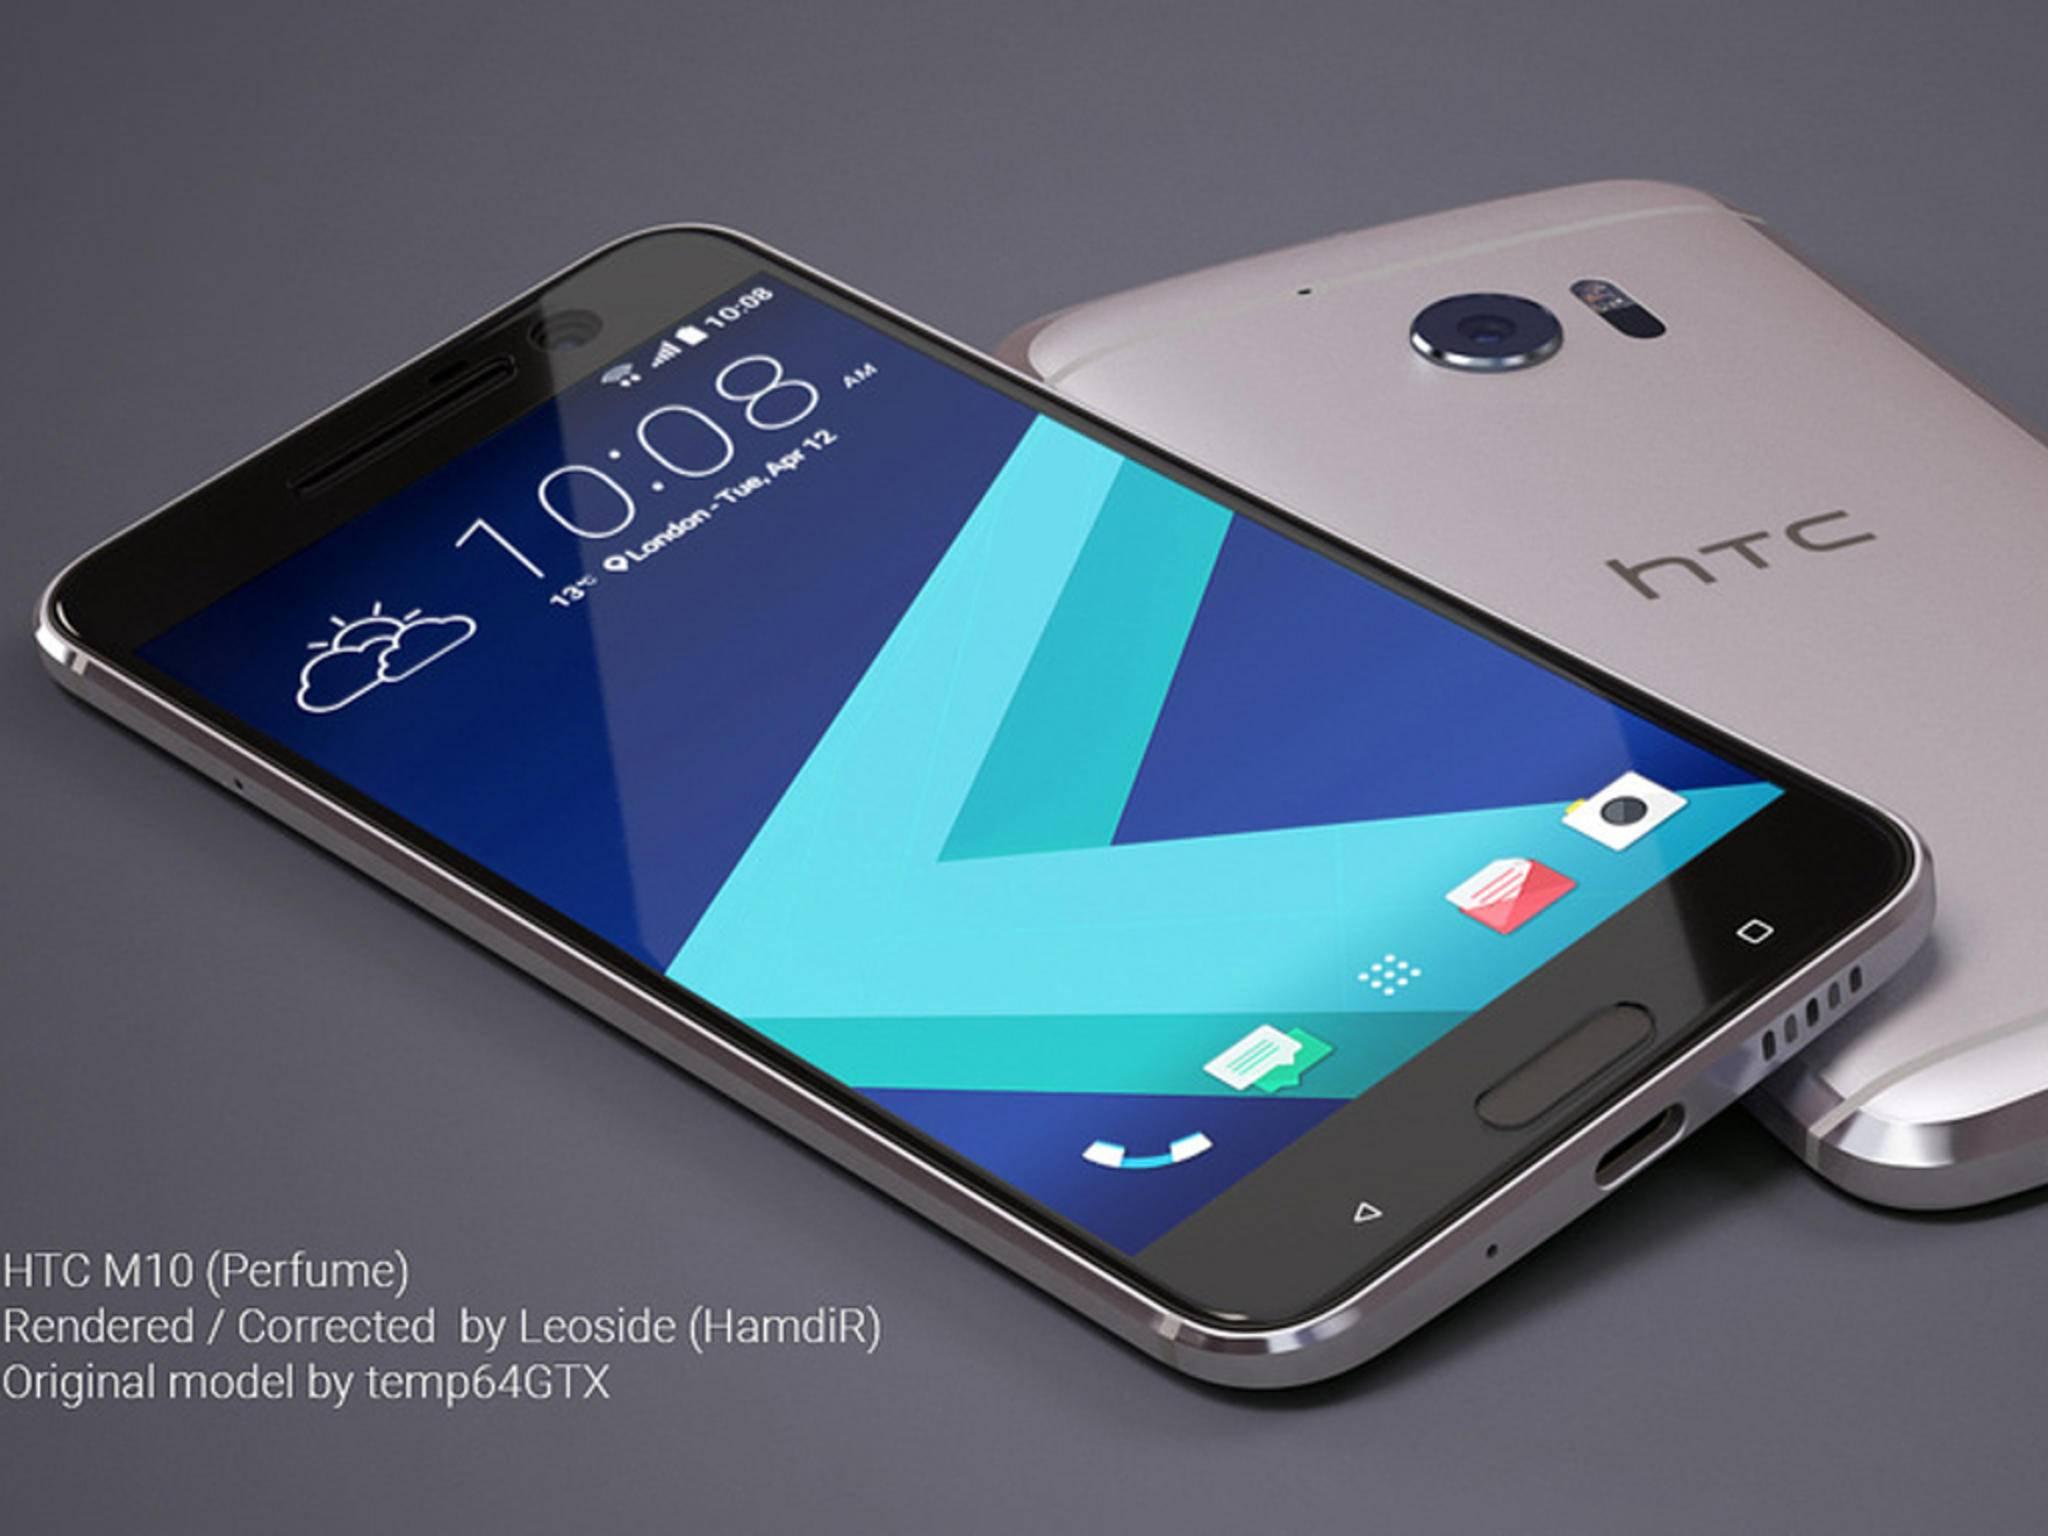 Diese Render-Bilder sollen das künftige HTC 10 zeigen.